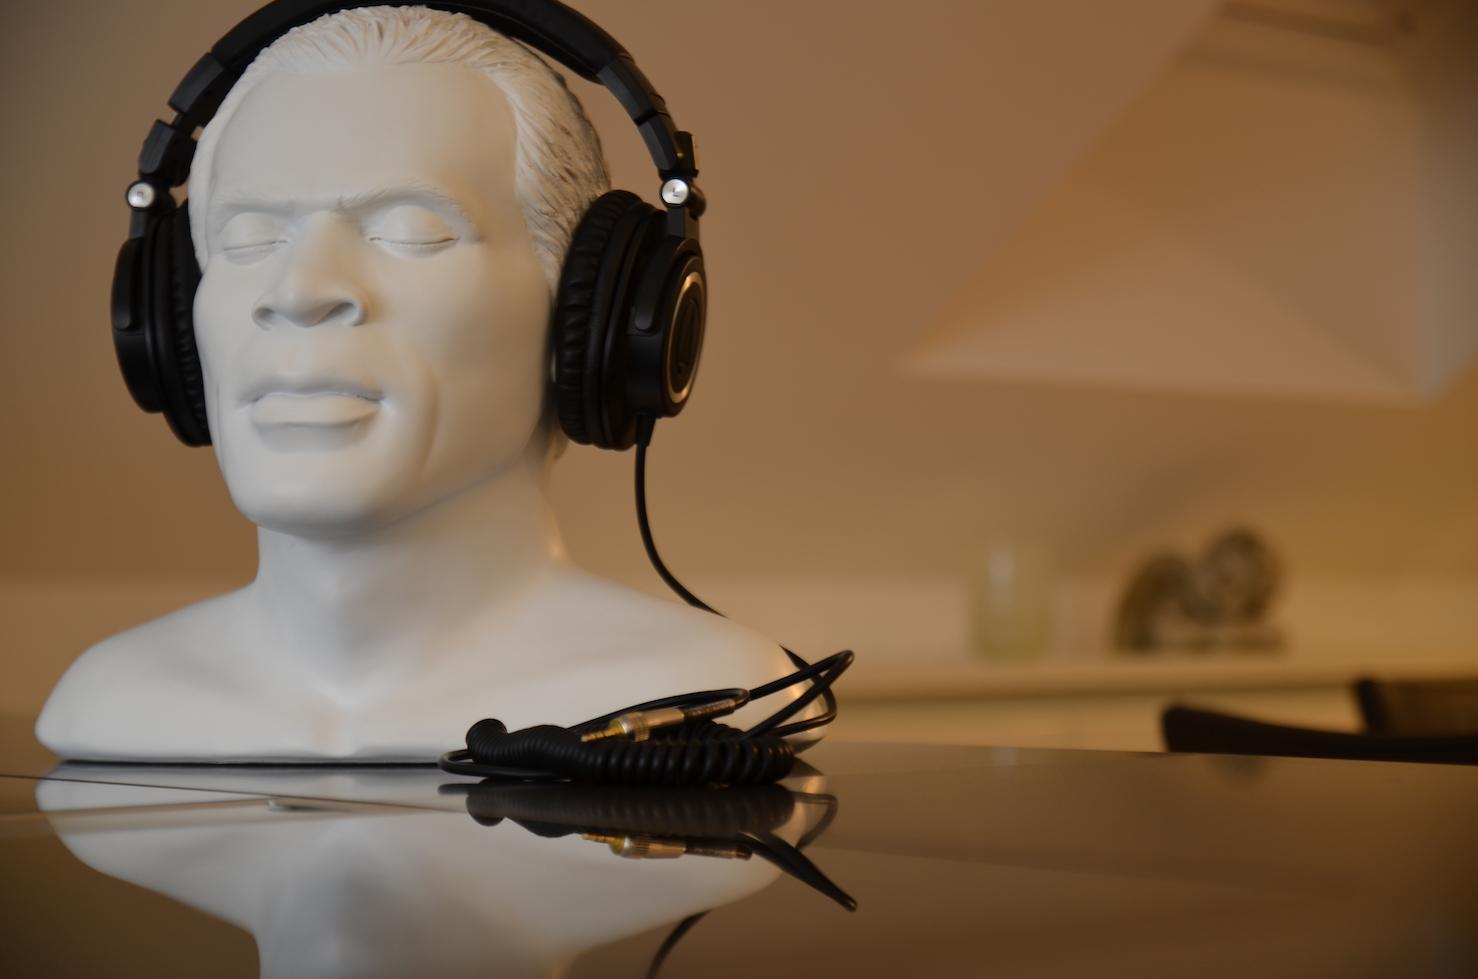 Oehlbach Kopfhörerständer – Kopfhörer als Blickfang  b82a90ebd6